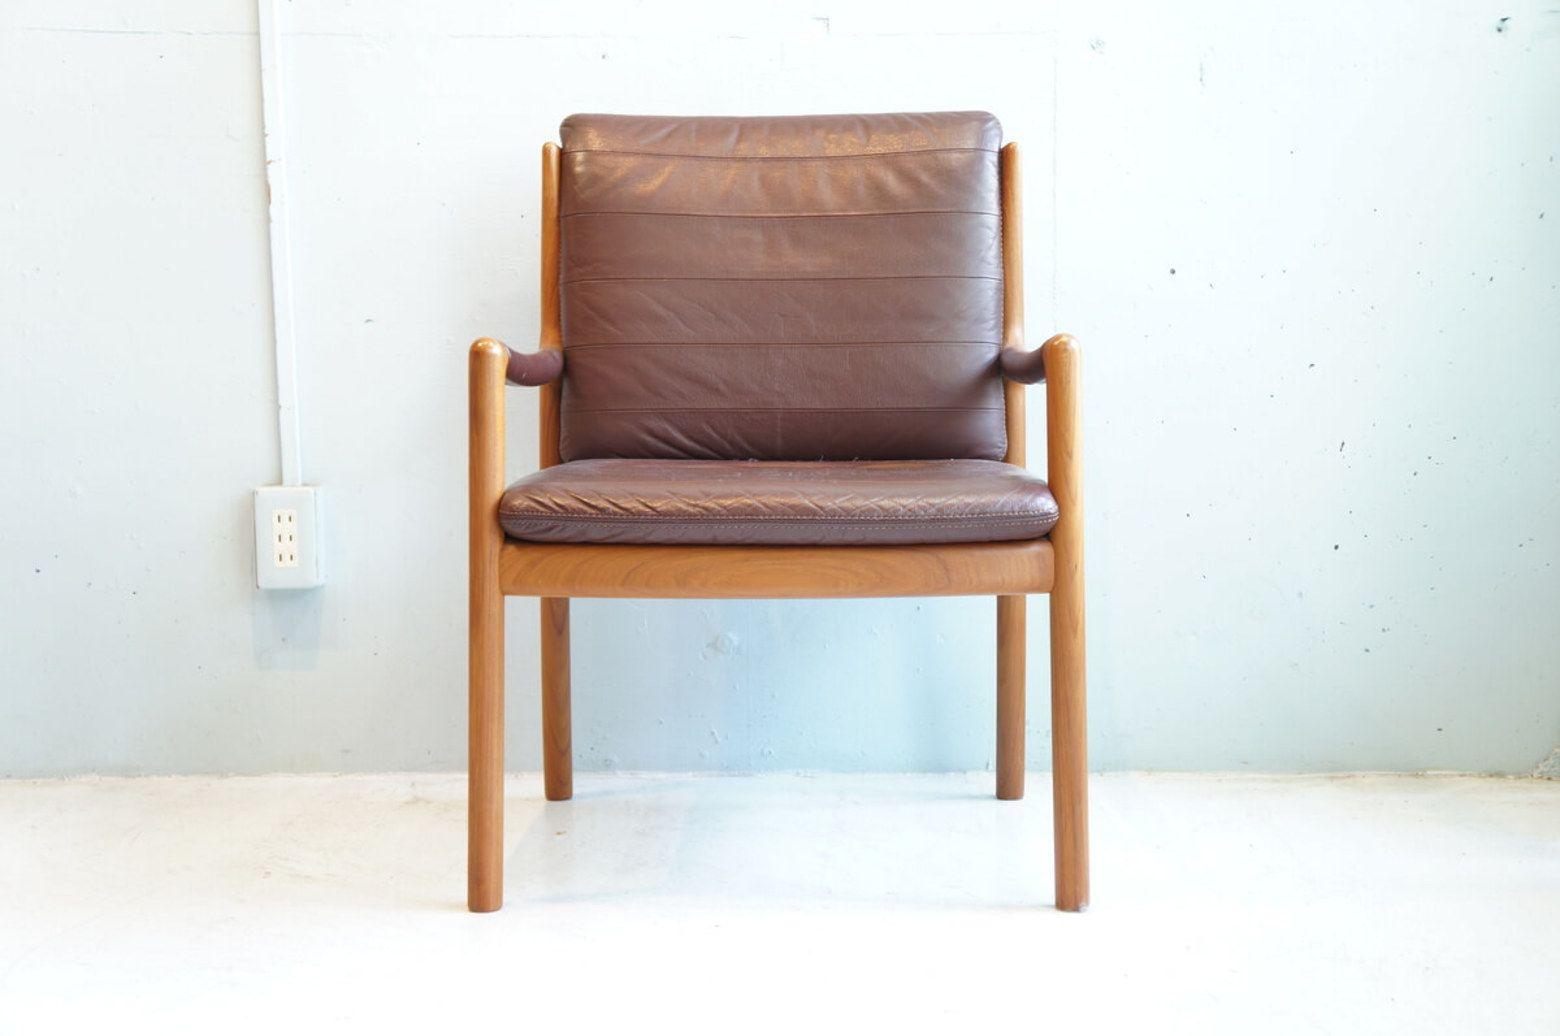 ボード Chairs のピン